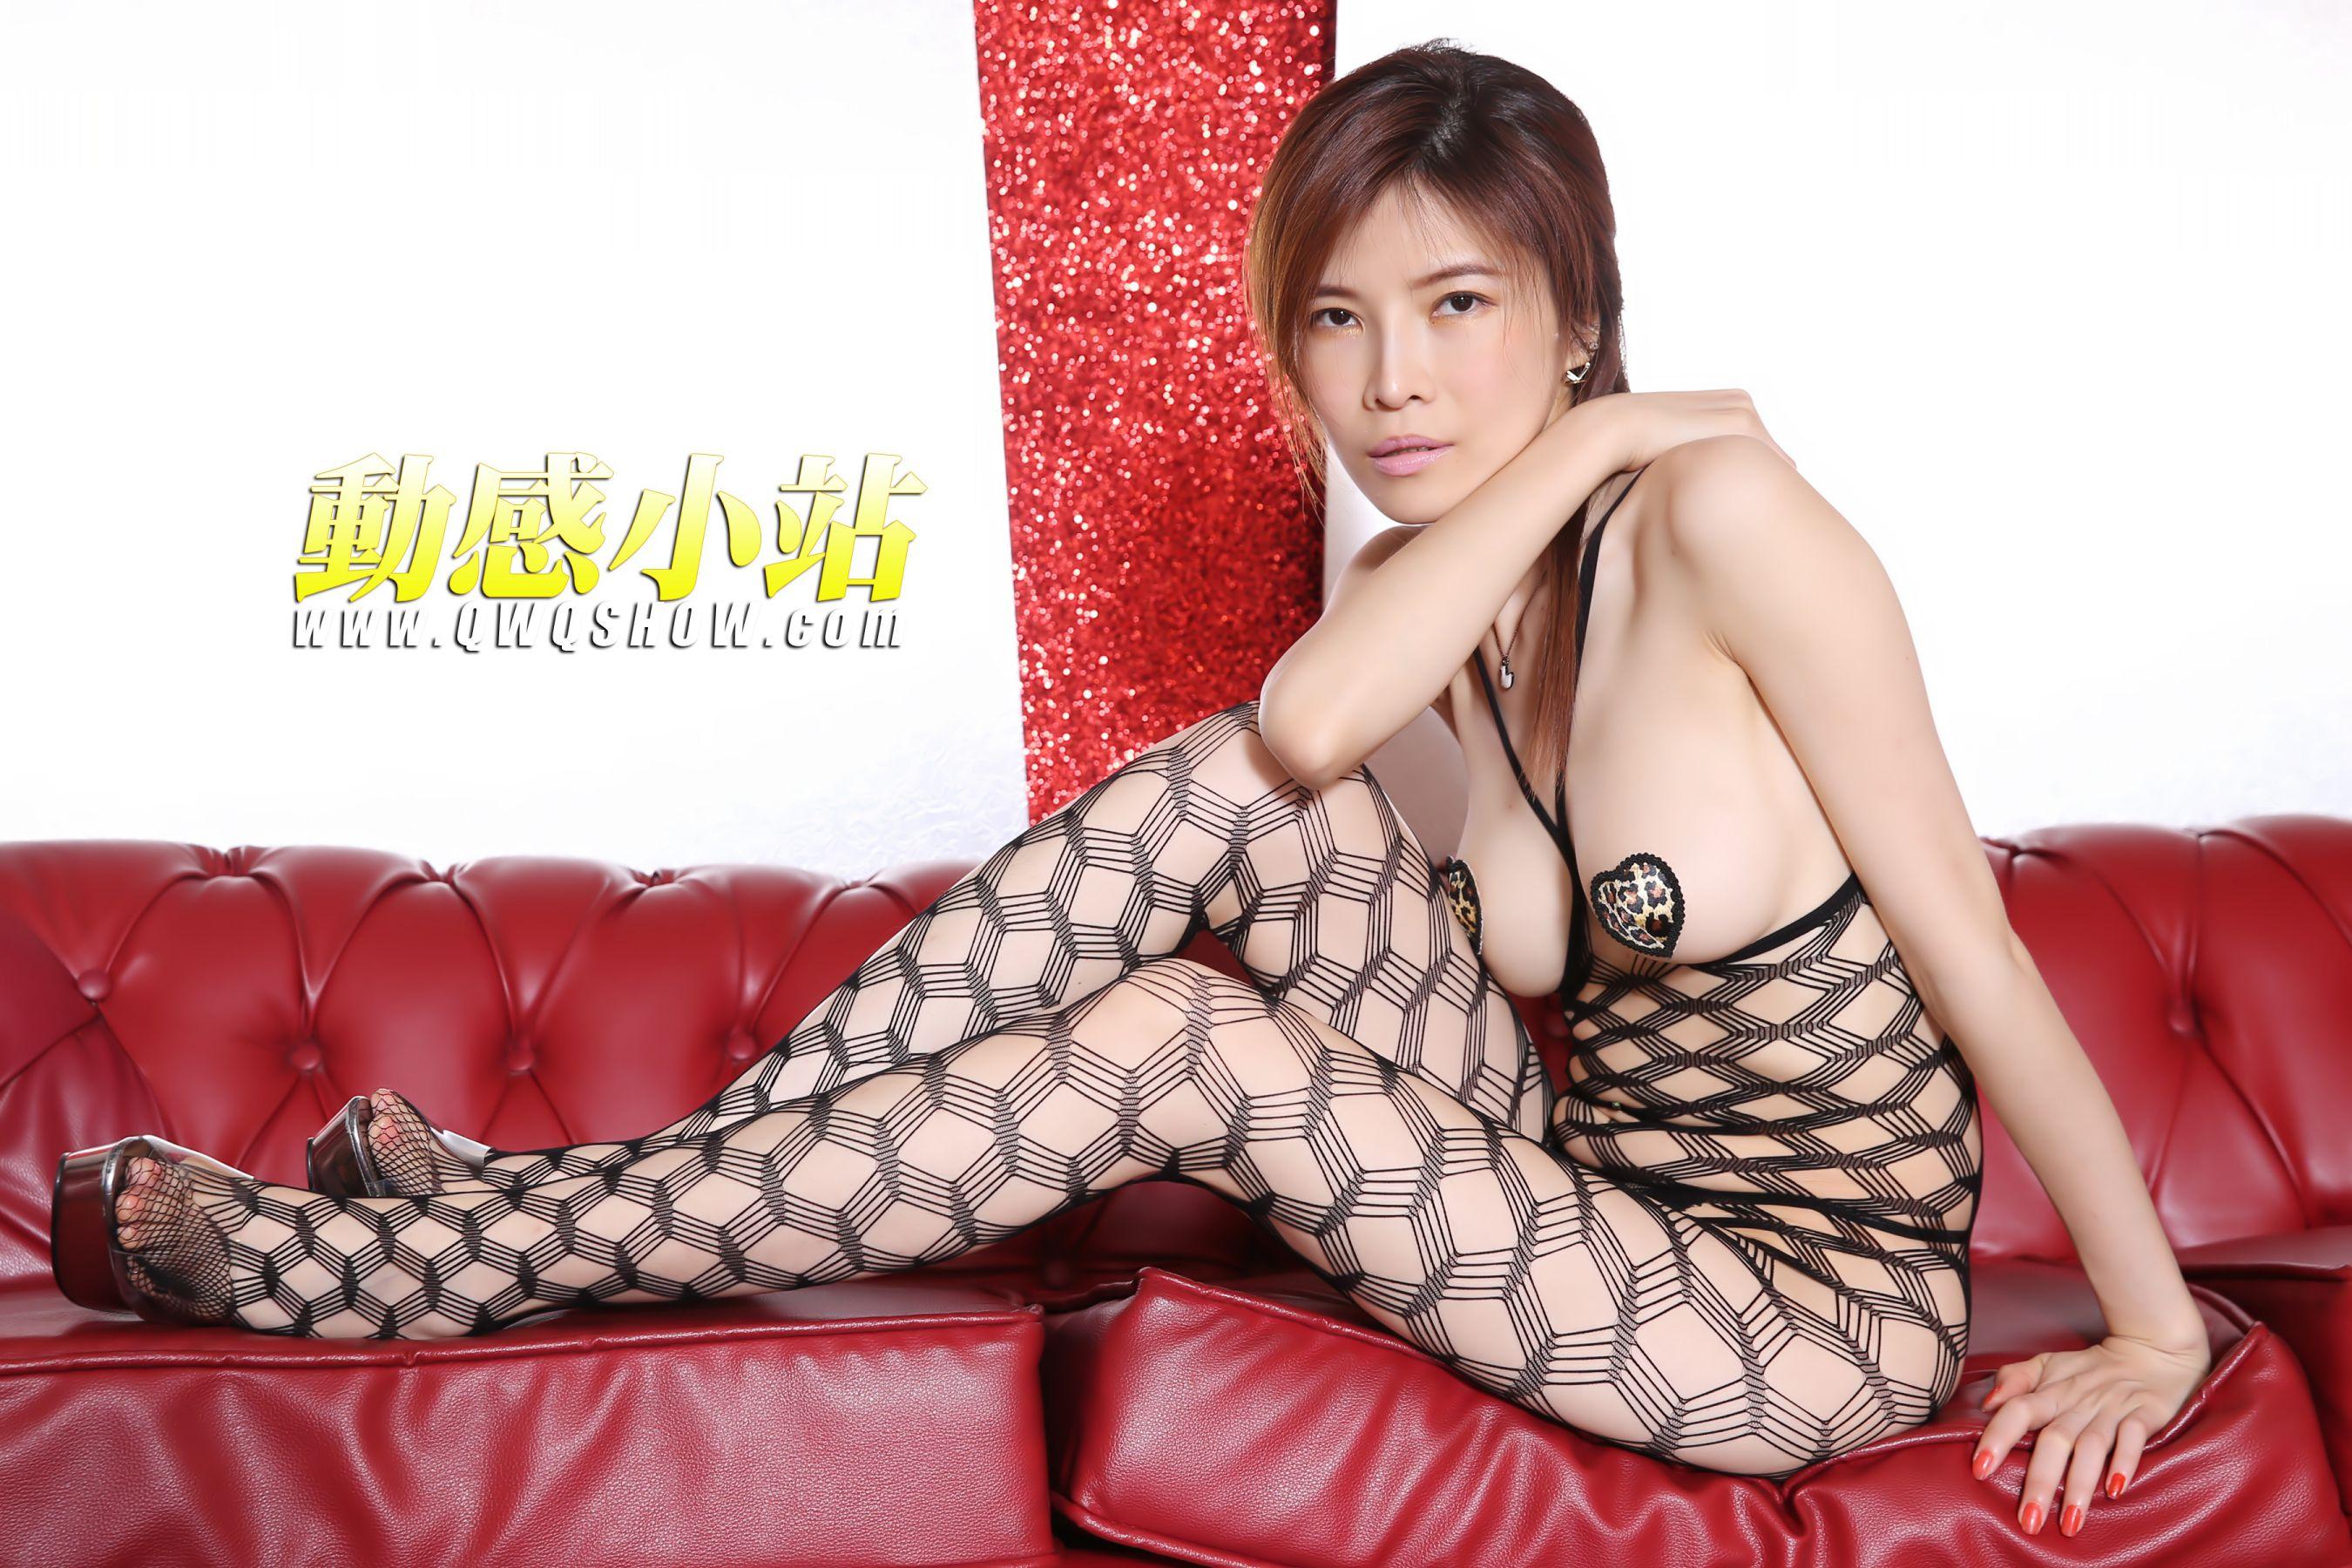 VOL.941 [动感之星]网衣大尺度丝袜熟女:小玲(动感小站小玲,动感之星小玲)高品质写真套图(50P)